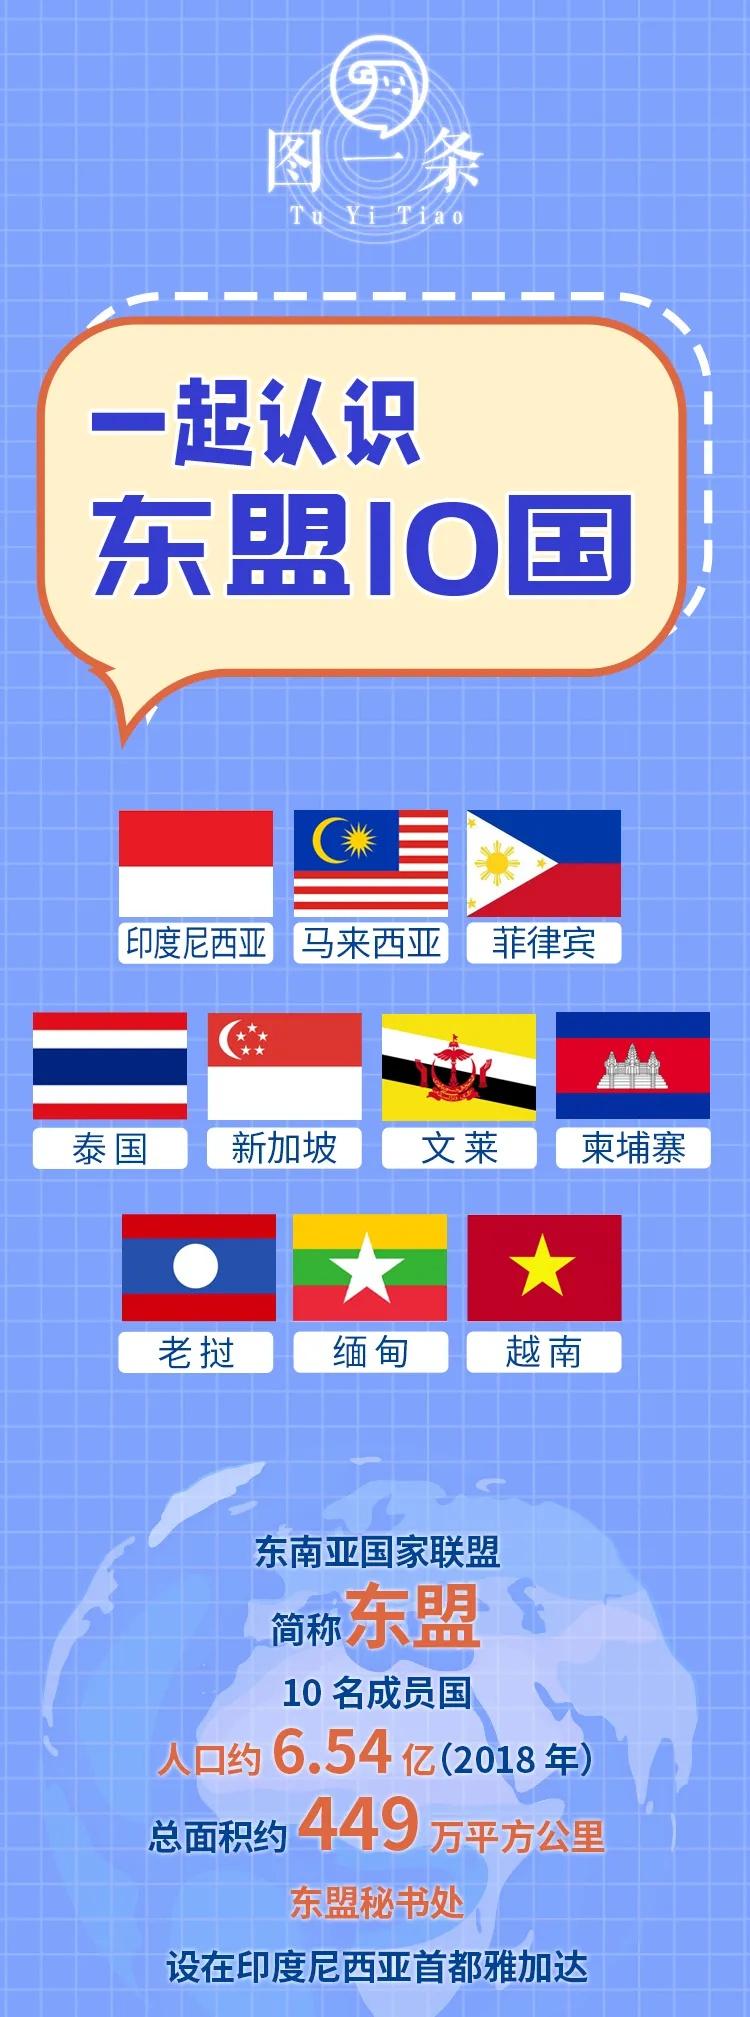 东盟十国有哪些国家 10+6(东盟十国有哪些国家英文)